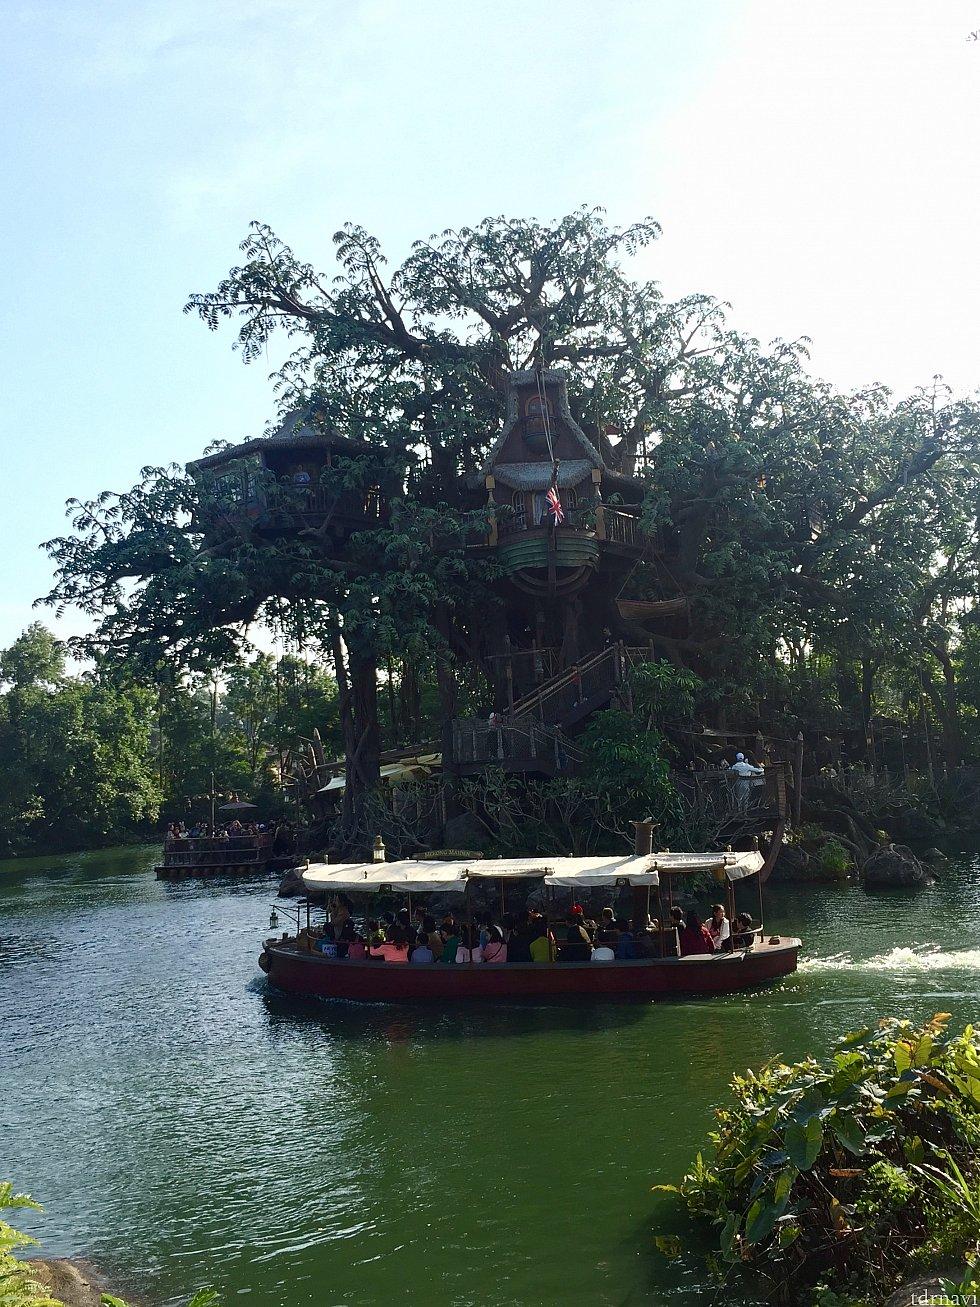 ジャングルクルーズの船がターザンのツリーハウス前を横切ります🔅